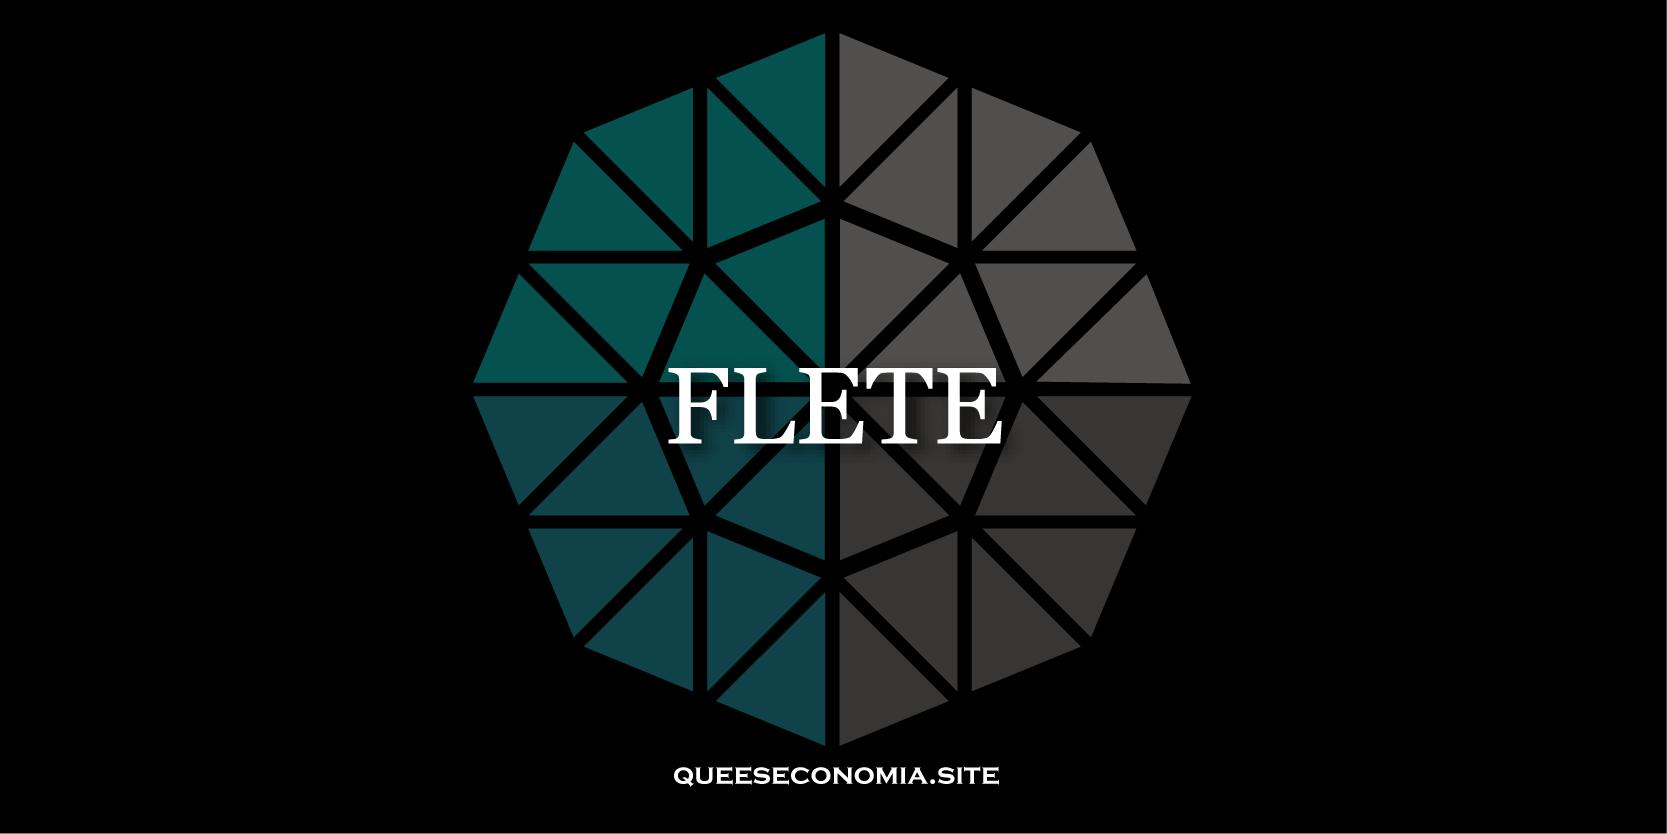 flete